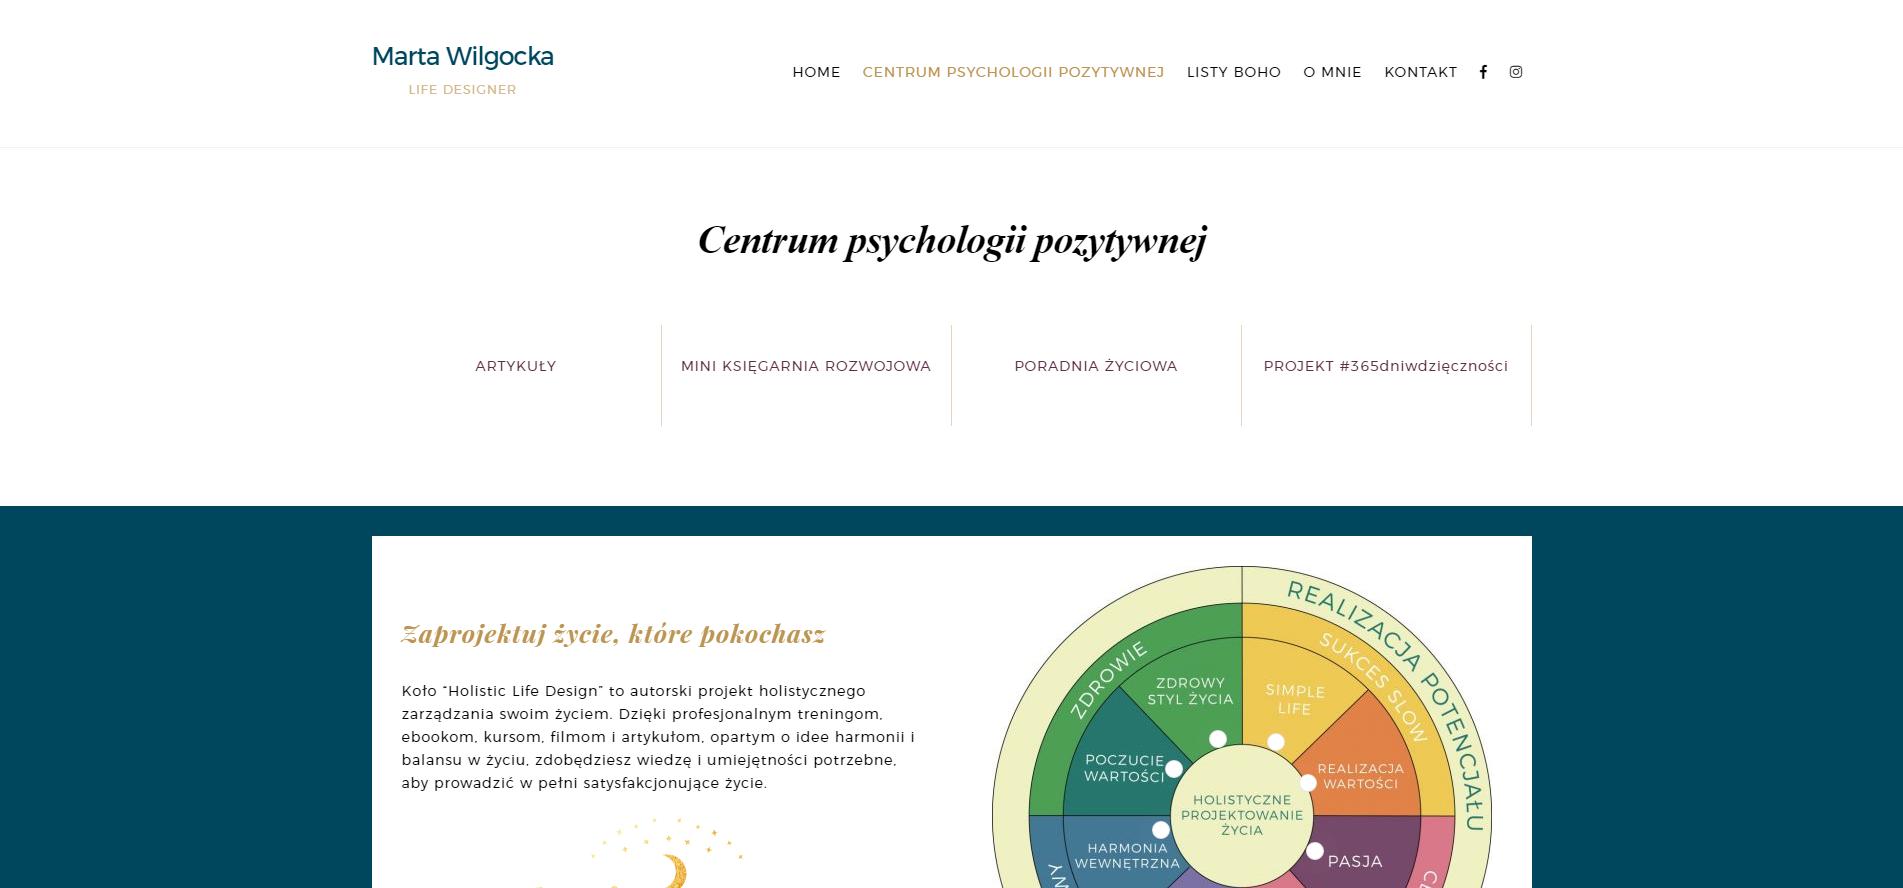 Centrum psychologii pozytywnej - Marta Wilgocka